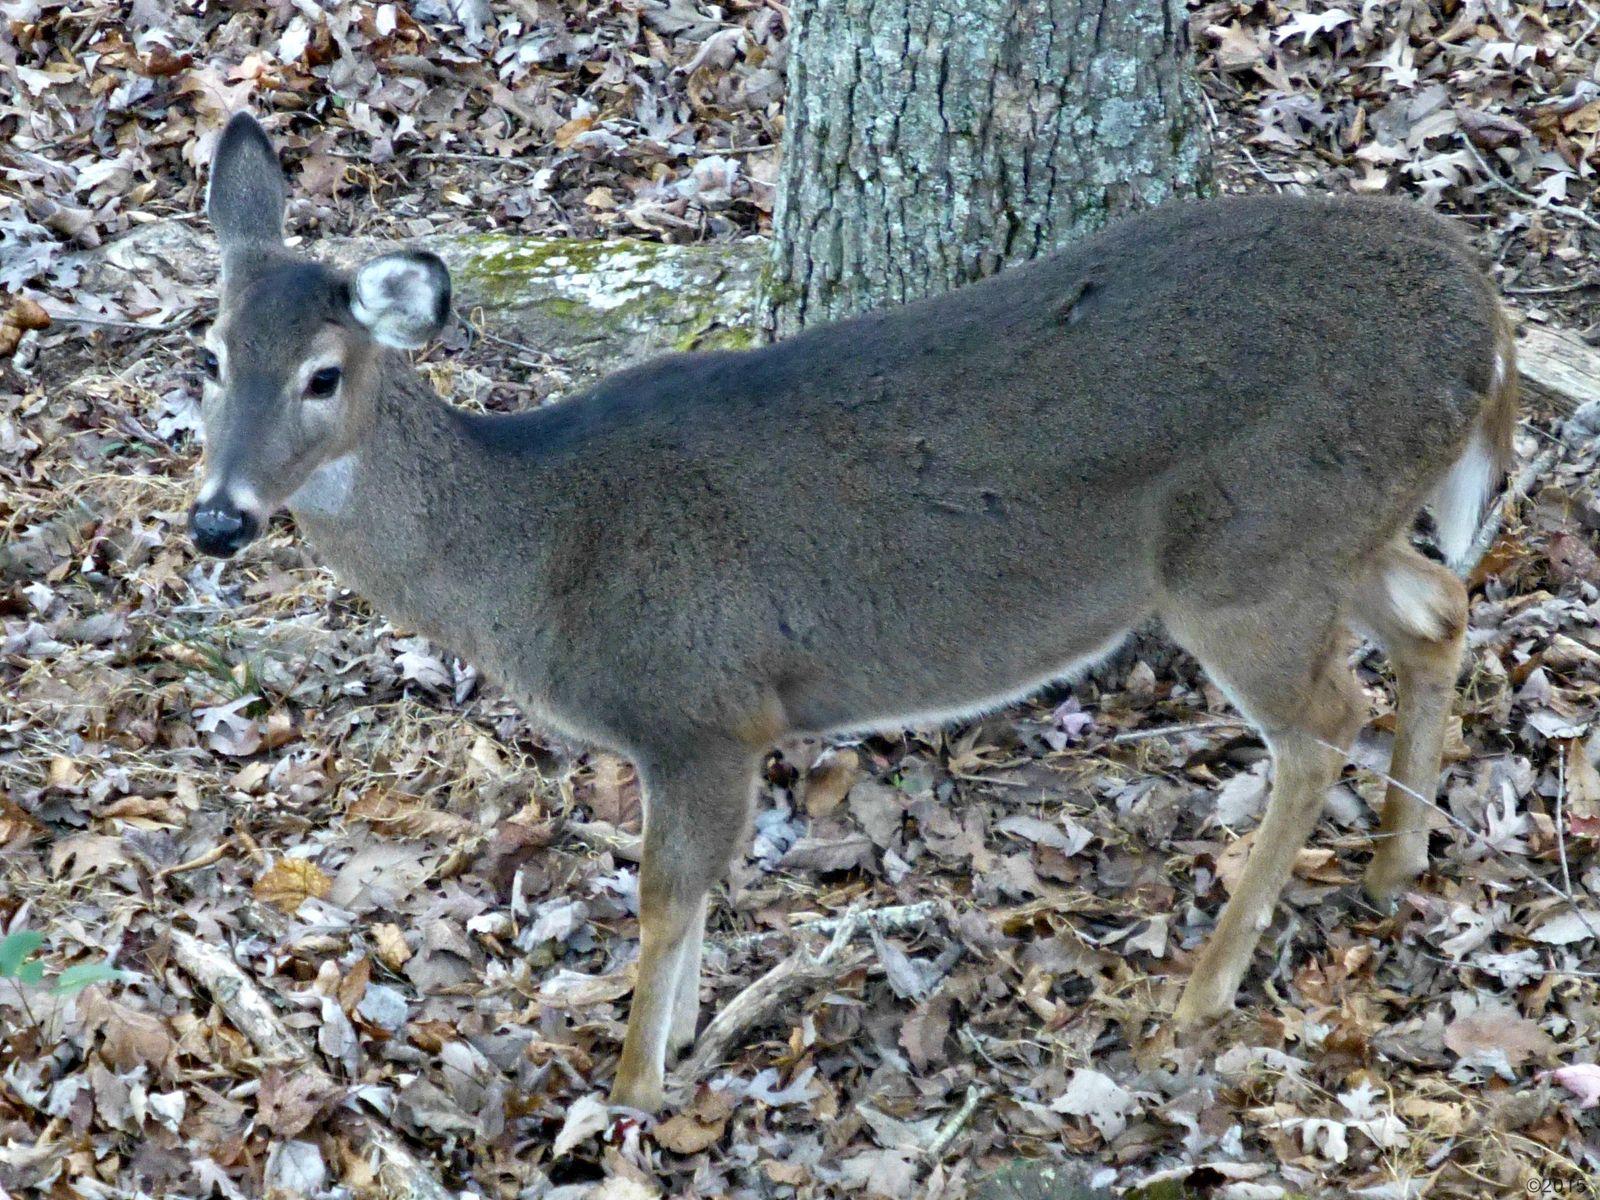 November 22, 2015 - Winter coat on deer in Bent Tree